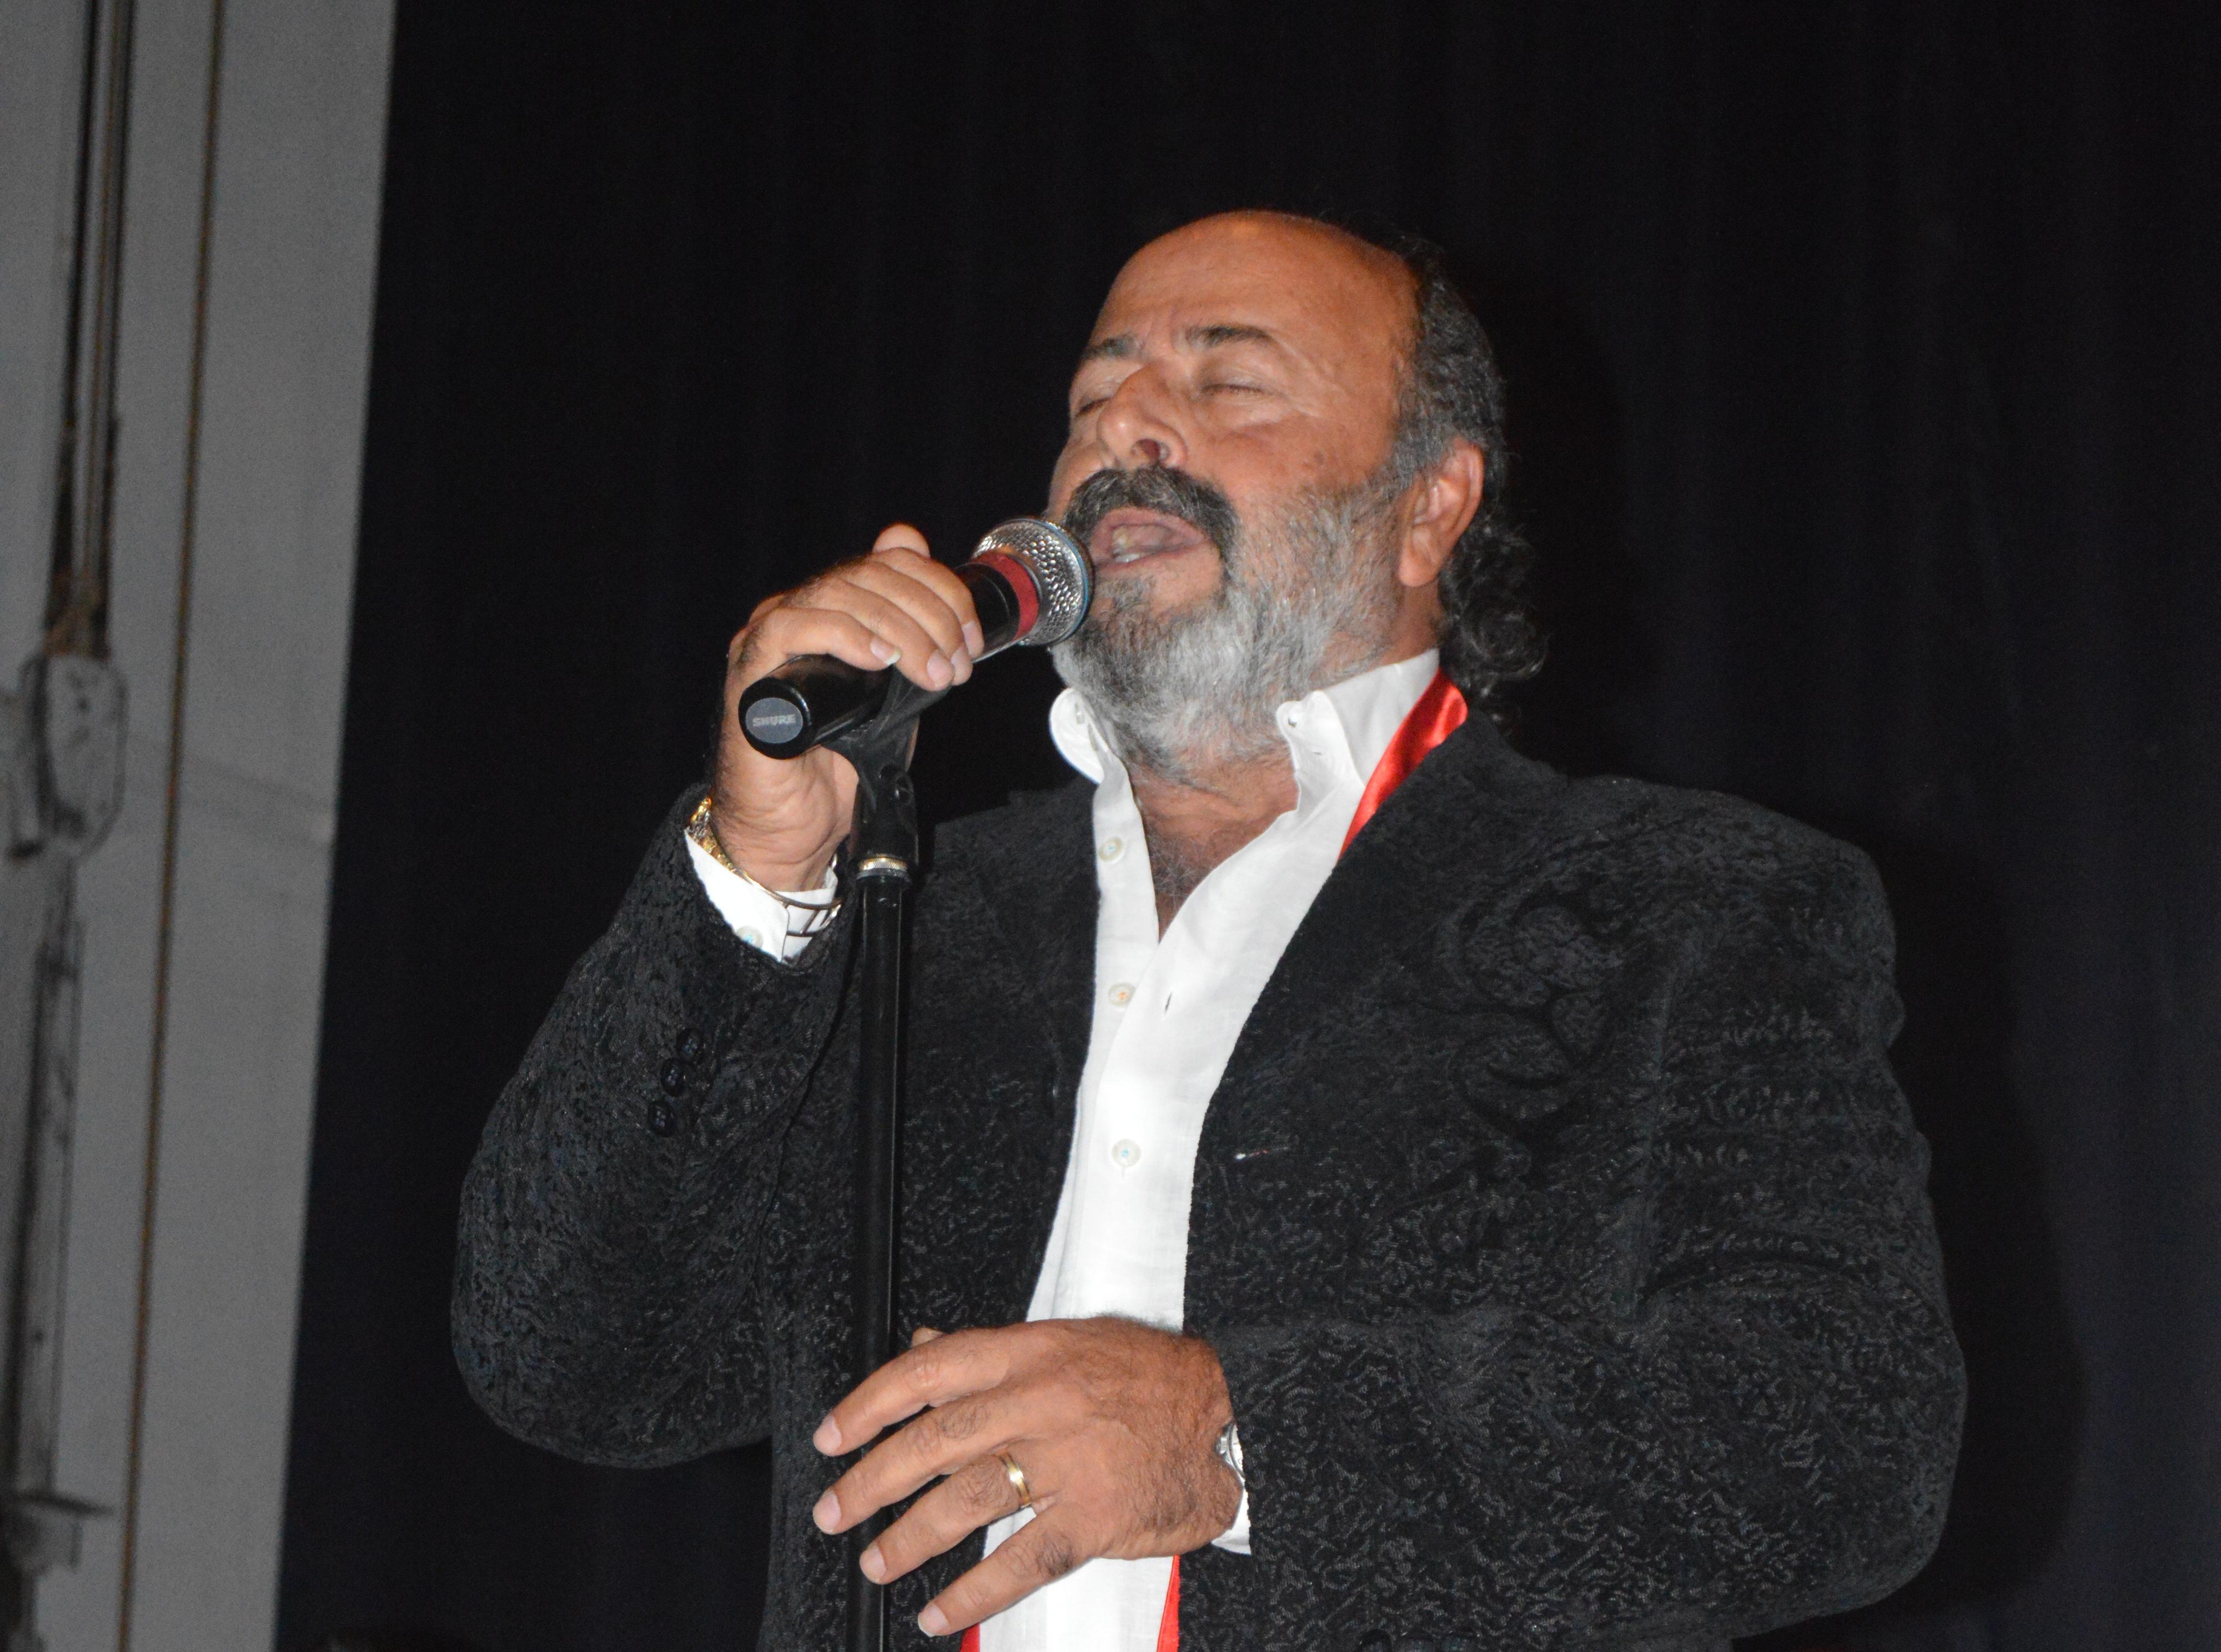 ԱՄՆ-ում կալանավորվել է ՀՅԴ-ի ոգին՝ երգիչ Գառնիկ Սարգսյանը.«Ժամանակ»